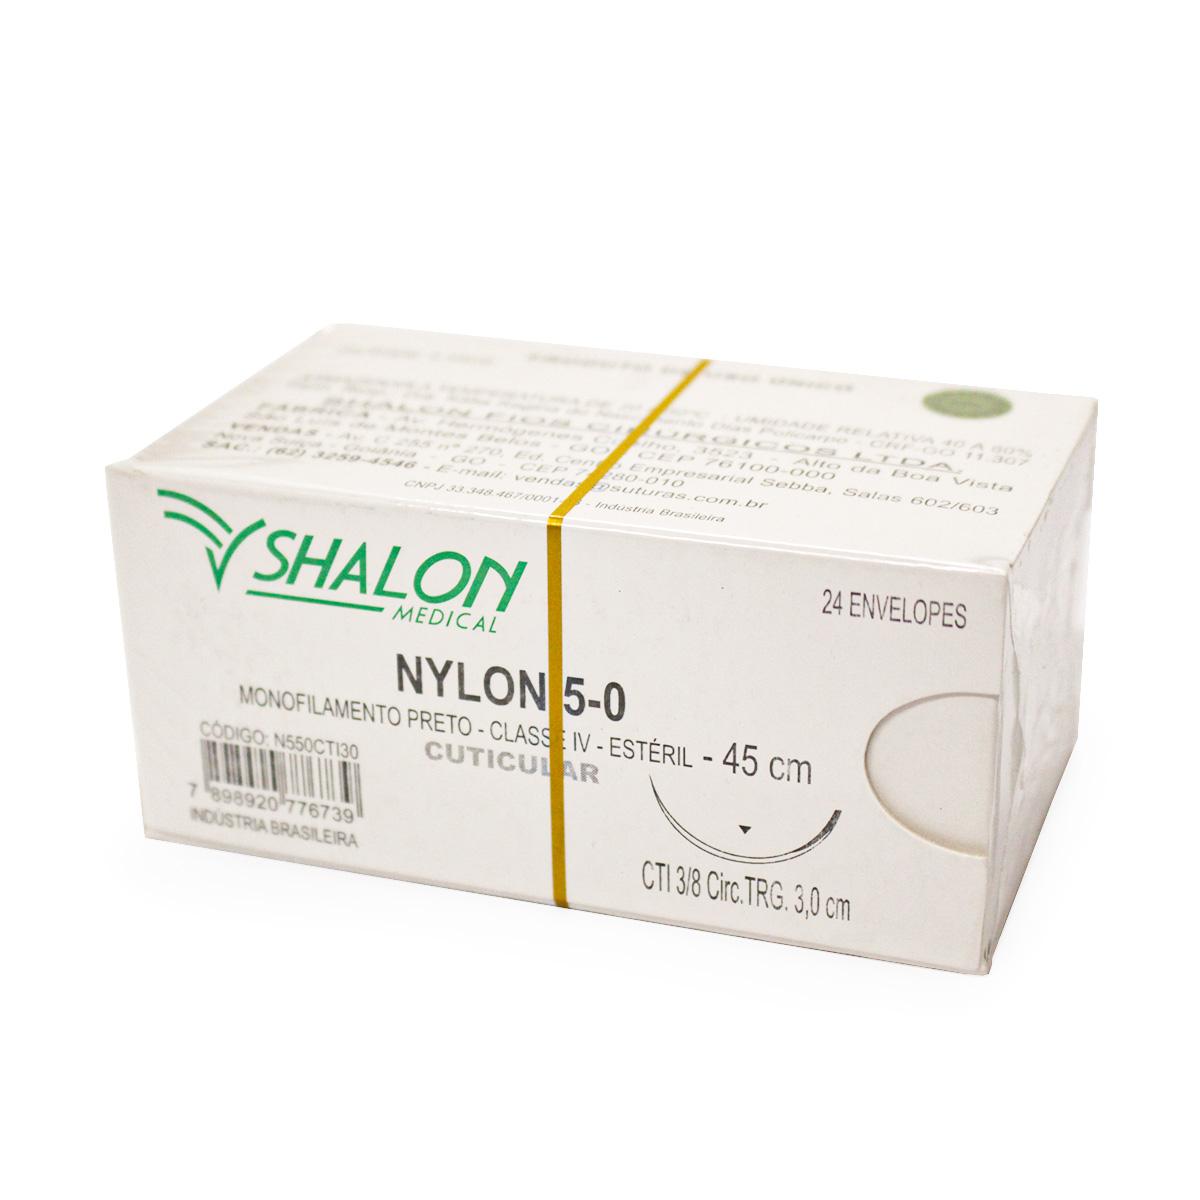 FIO NYLON 5-0 COM AGULHA 3/8 3CM TRG 45CM (24 ENV) N550CTI30 - SHALON